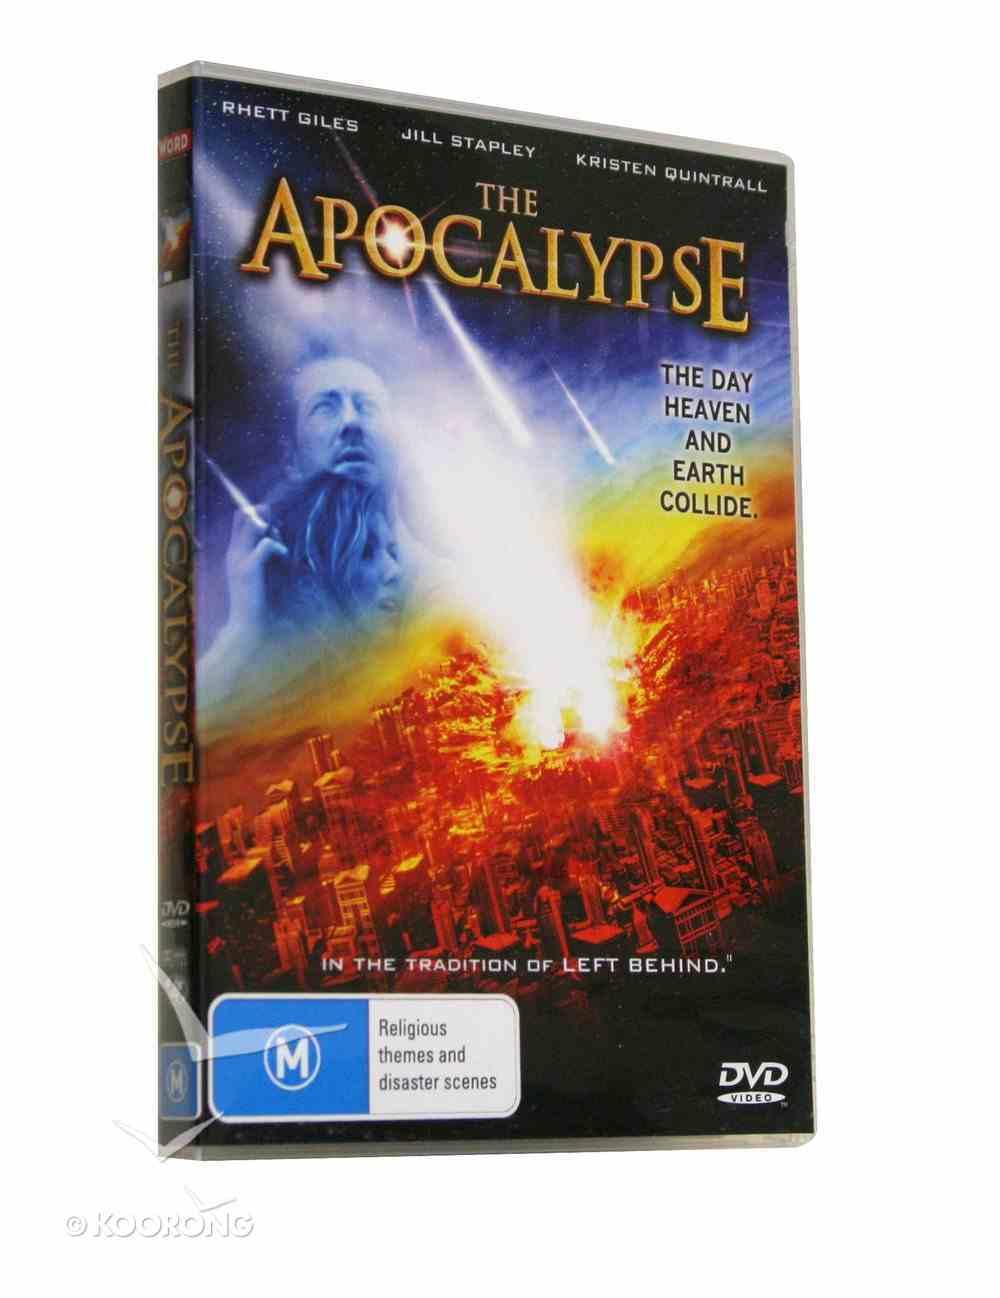 The Apocalypse DVD